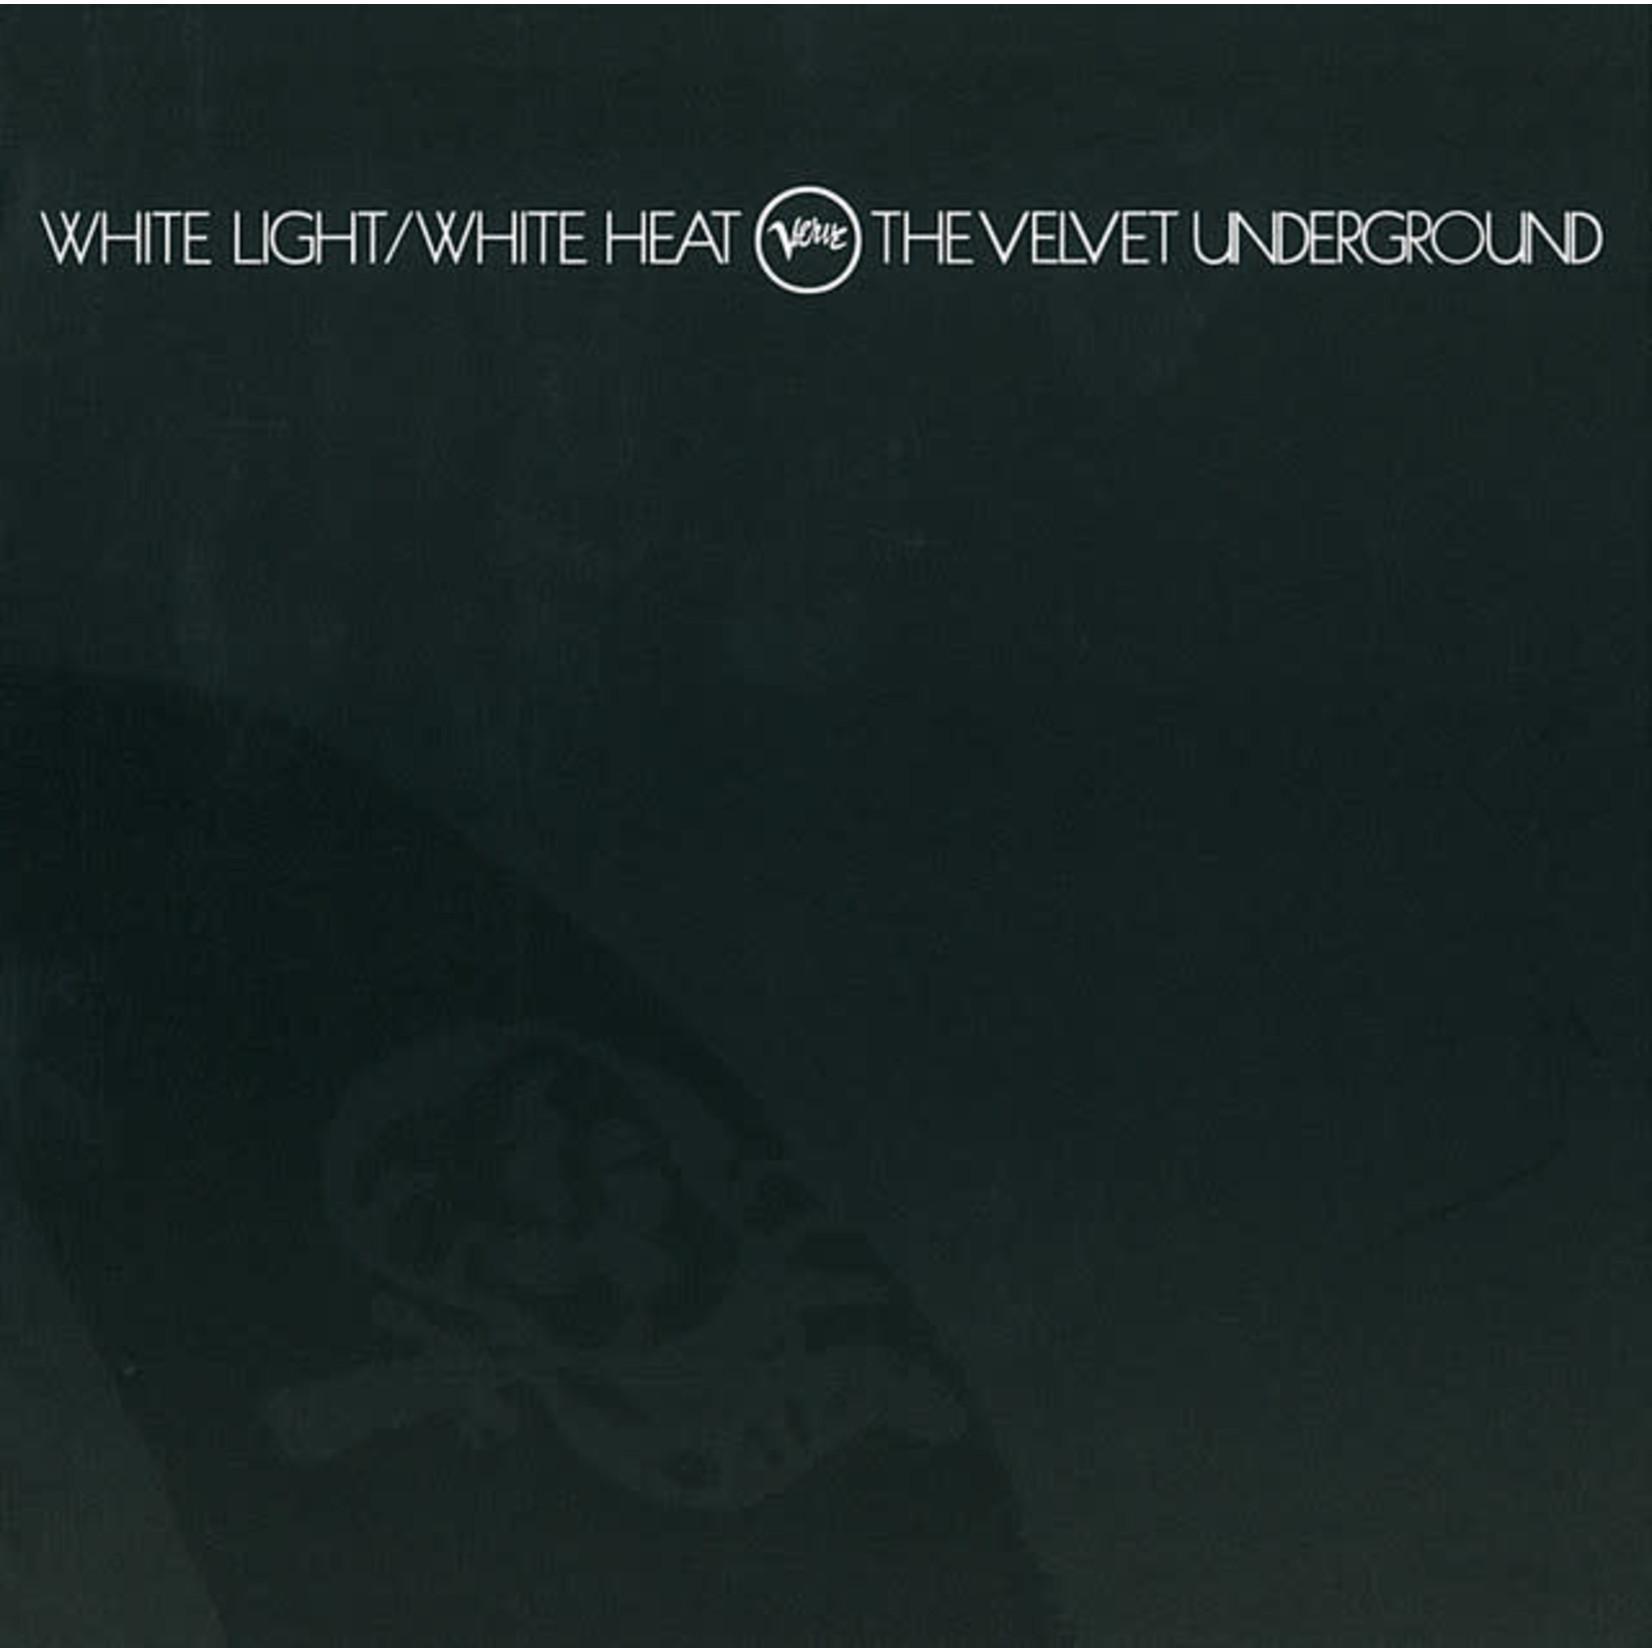 Vinyl The Velvet Underground - White Light White Heat Deluxe Edition